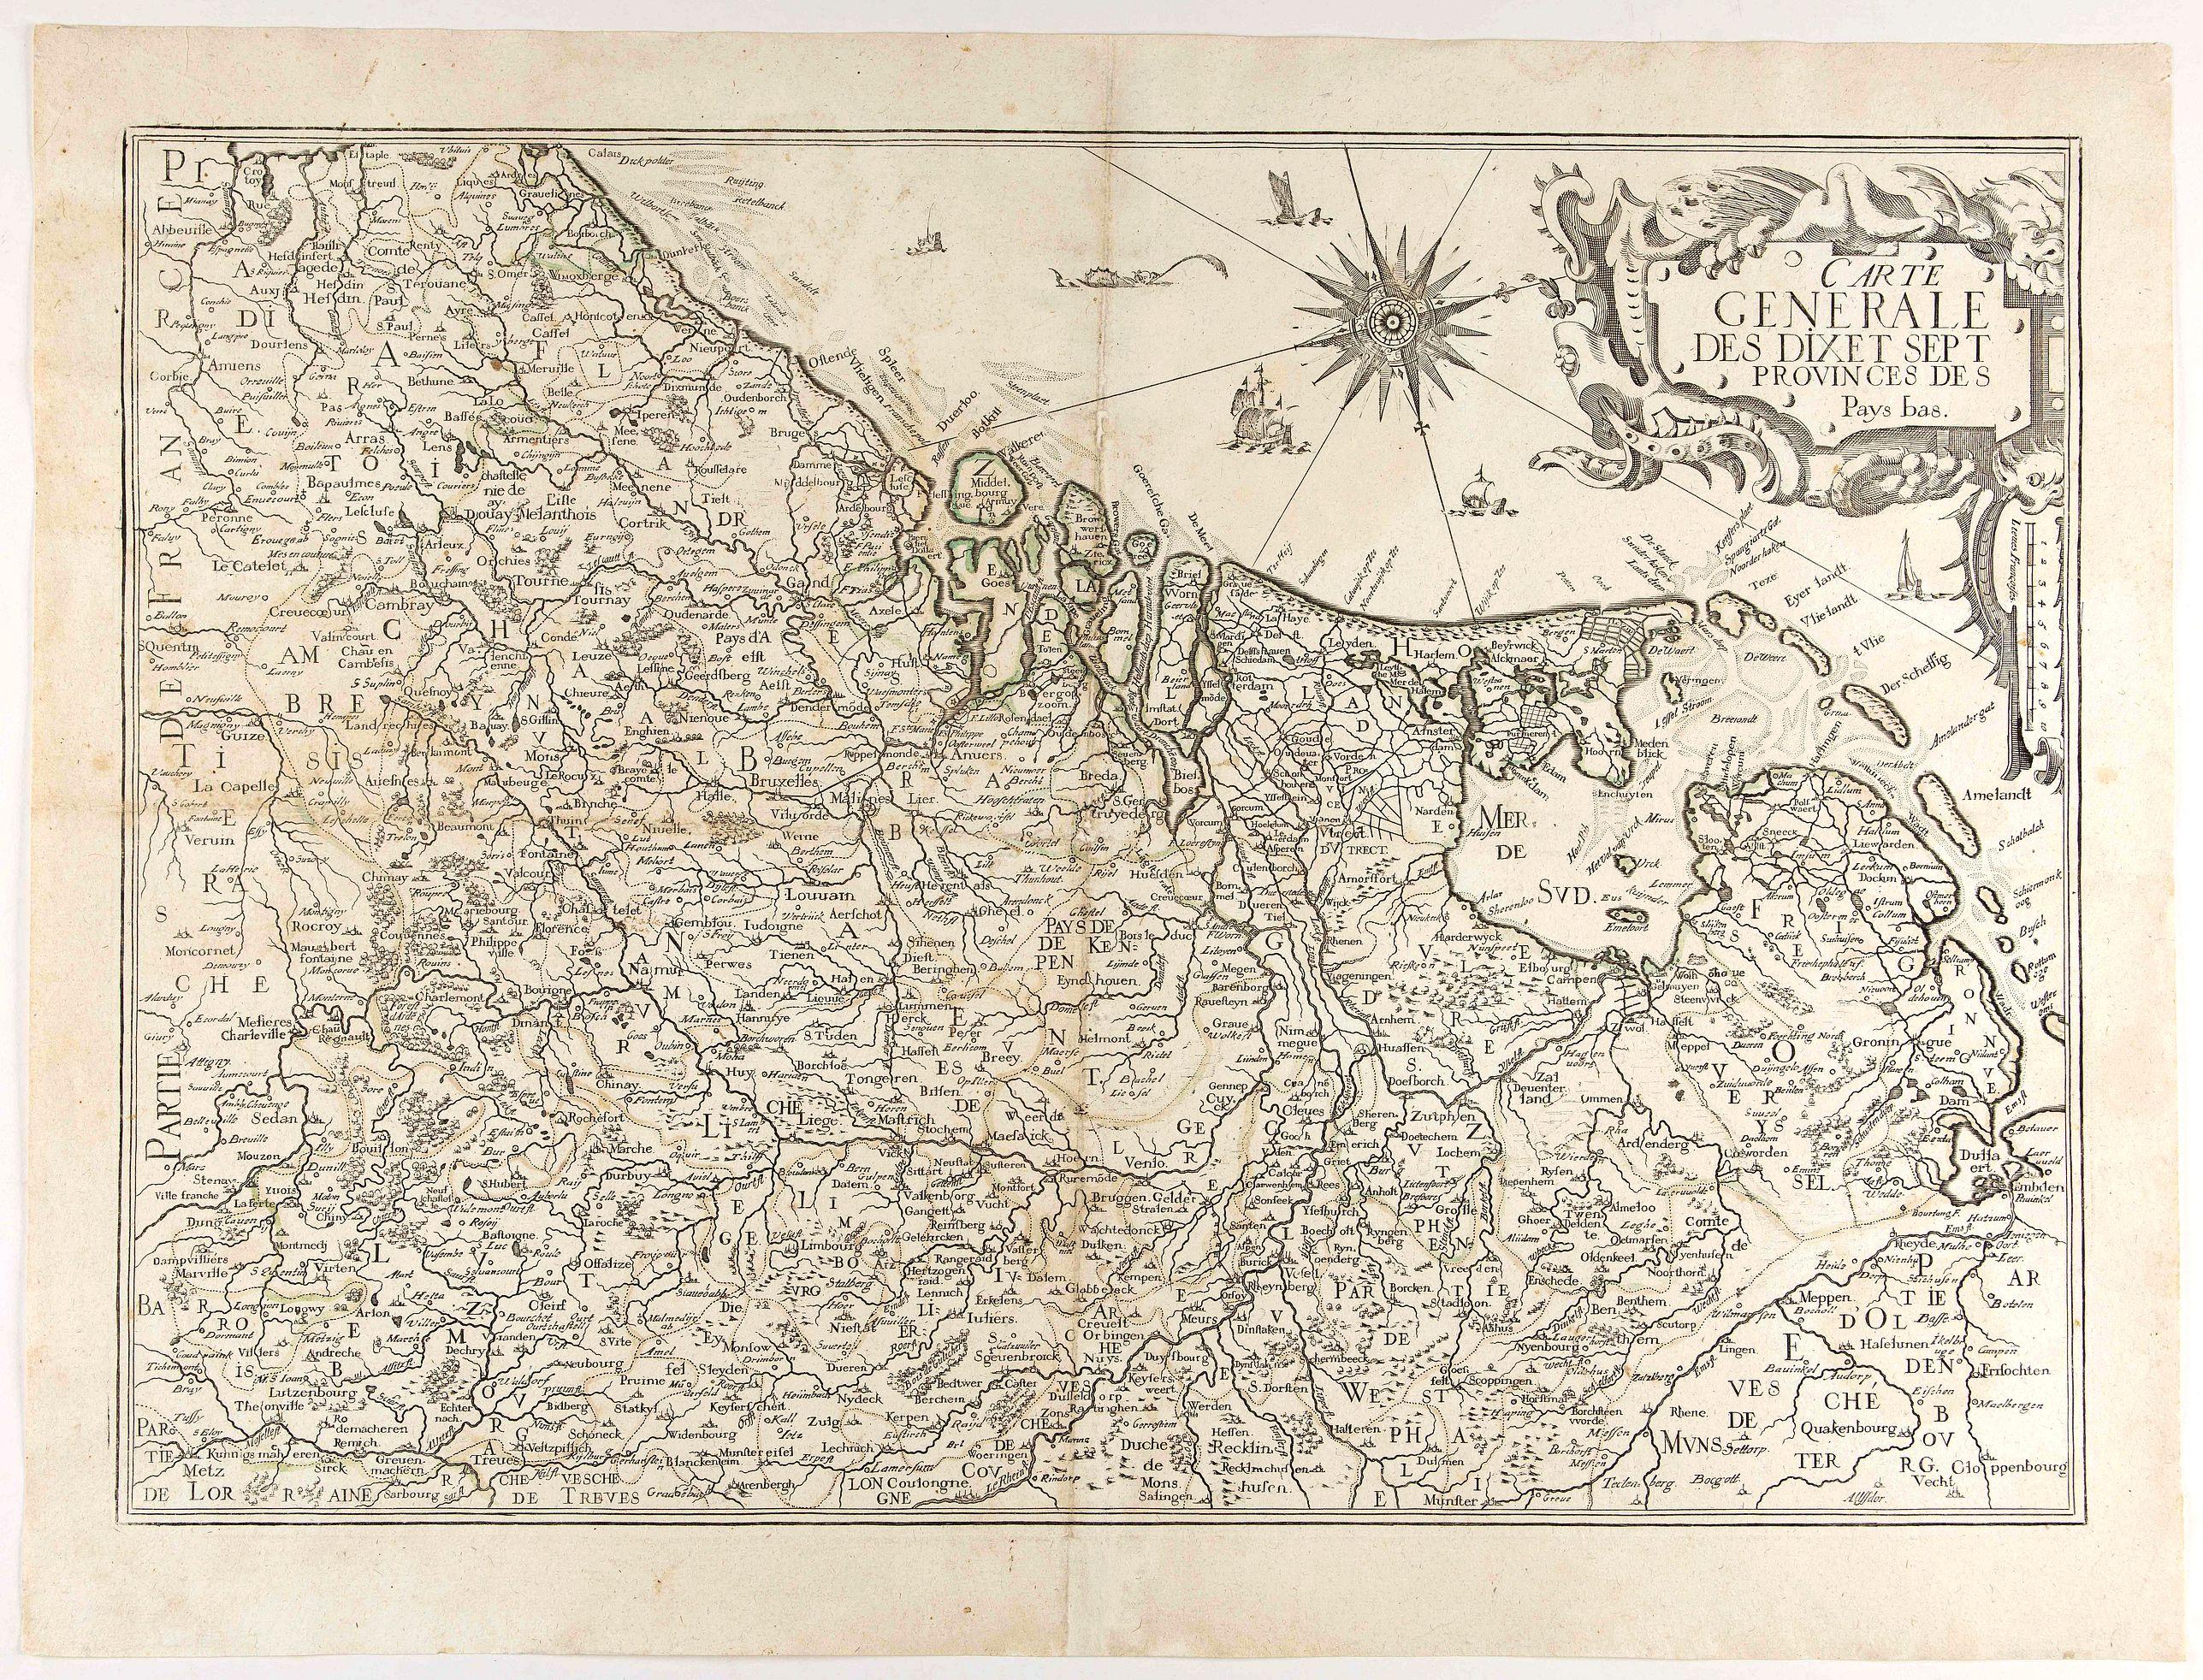 BEREY, N. / TASSIN, C. -  Carte Generale des Dixet Sept Provinces des Pays Bas.